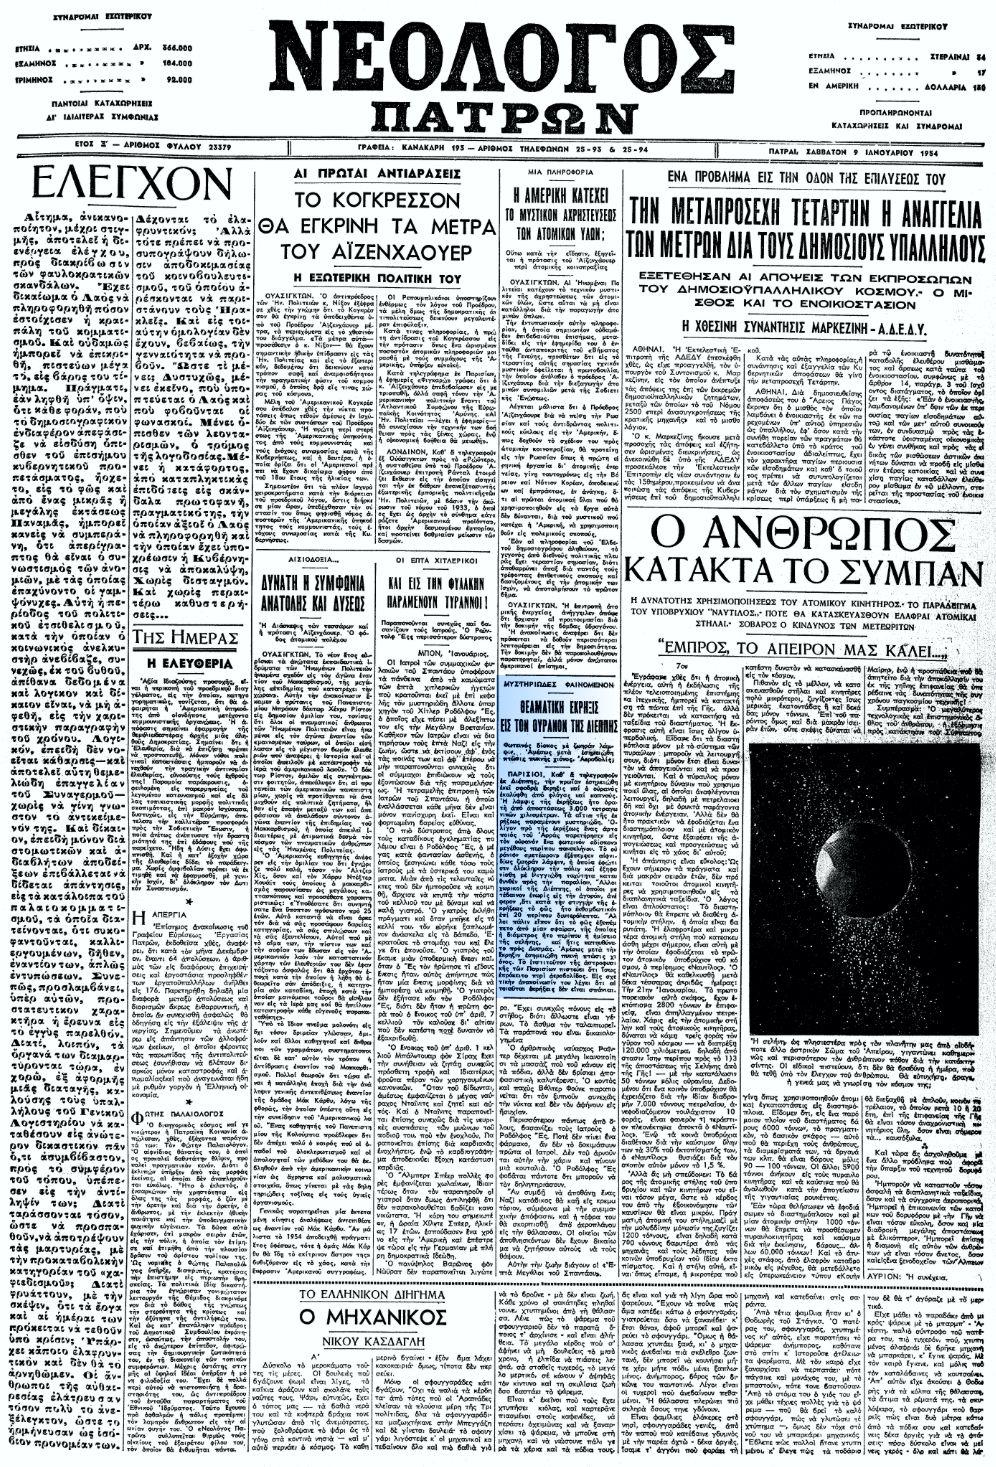 """Το άρθρο, όπως δημοσιεύθηκε στην εφημερίδα """"ΝΕΟΛΟΓΟΣ ΠΑΤΡΩΝ"""", στις 09/01/1954"""